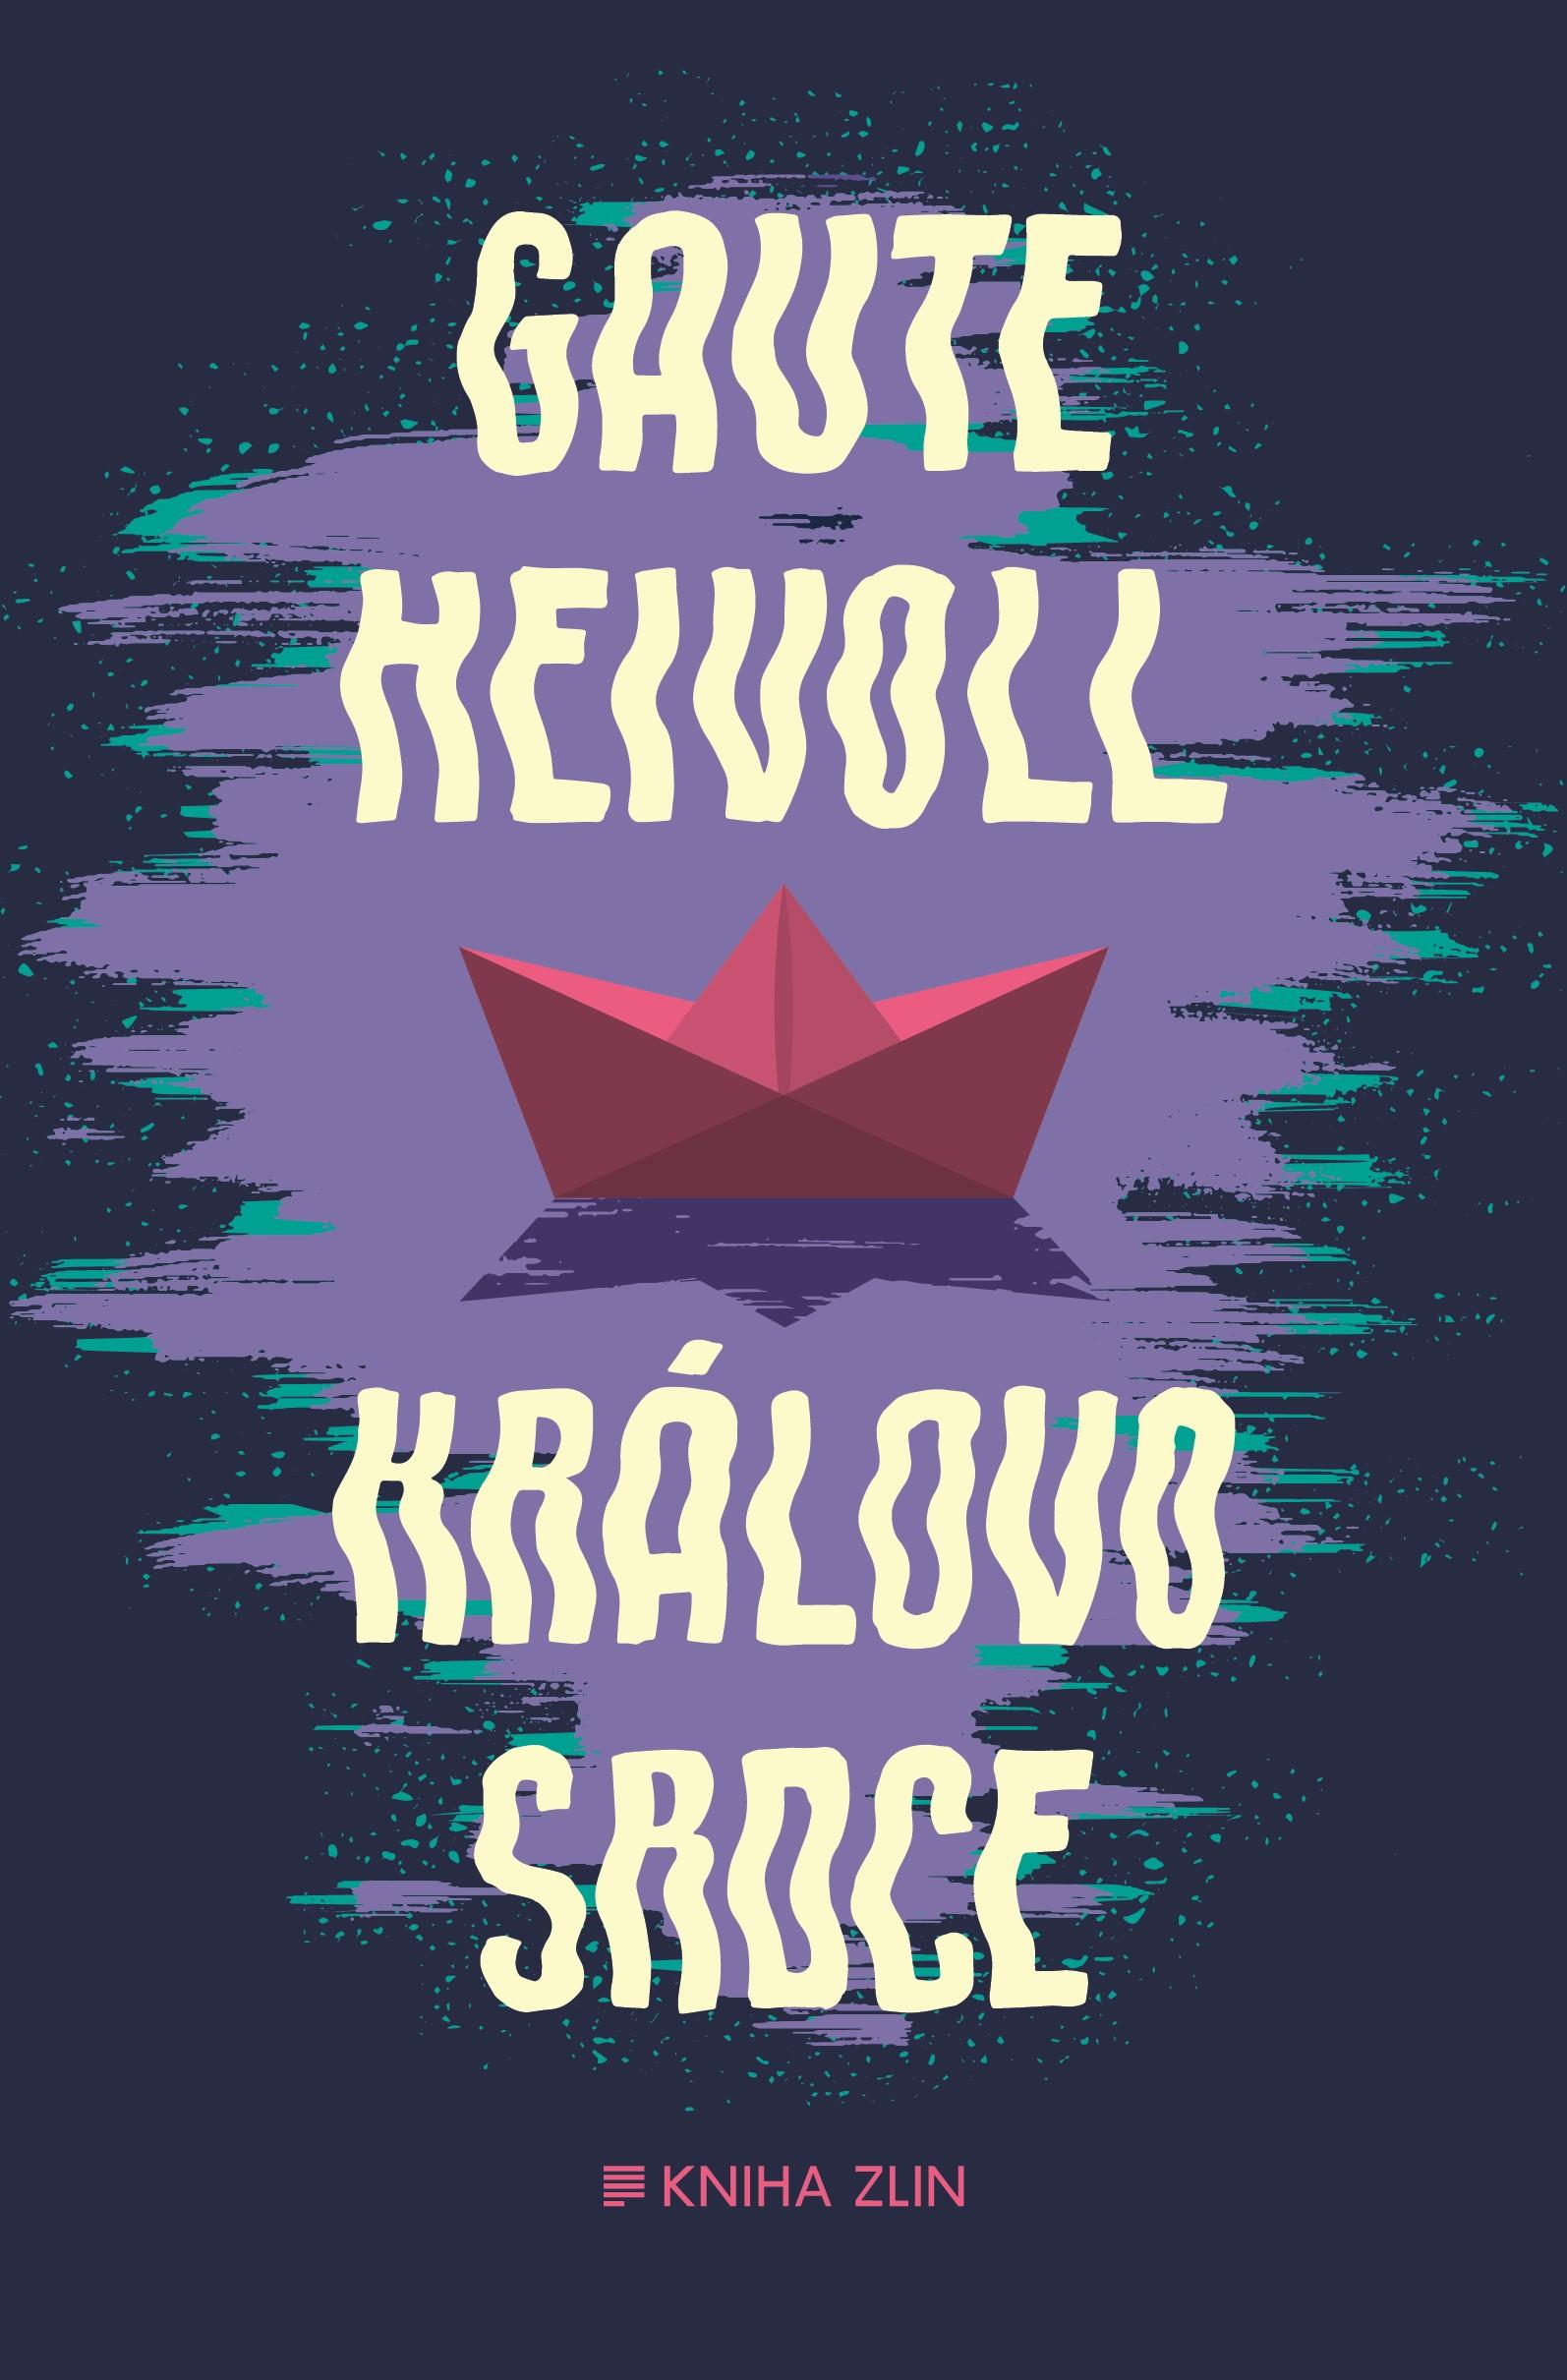 Královo srdce | Gaute Heivoll, Kateřina Krištůfková